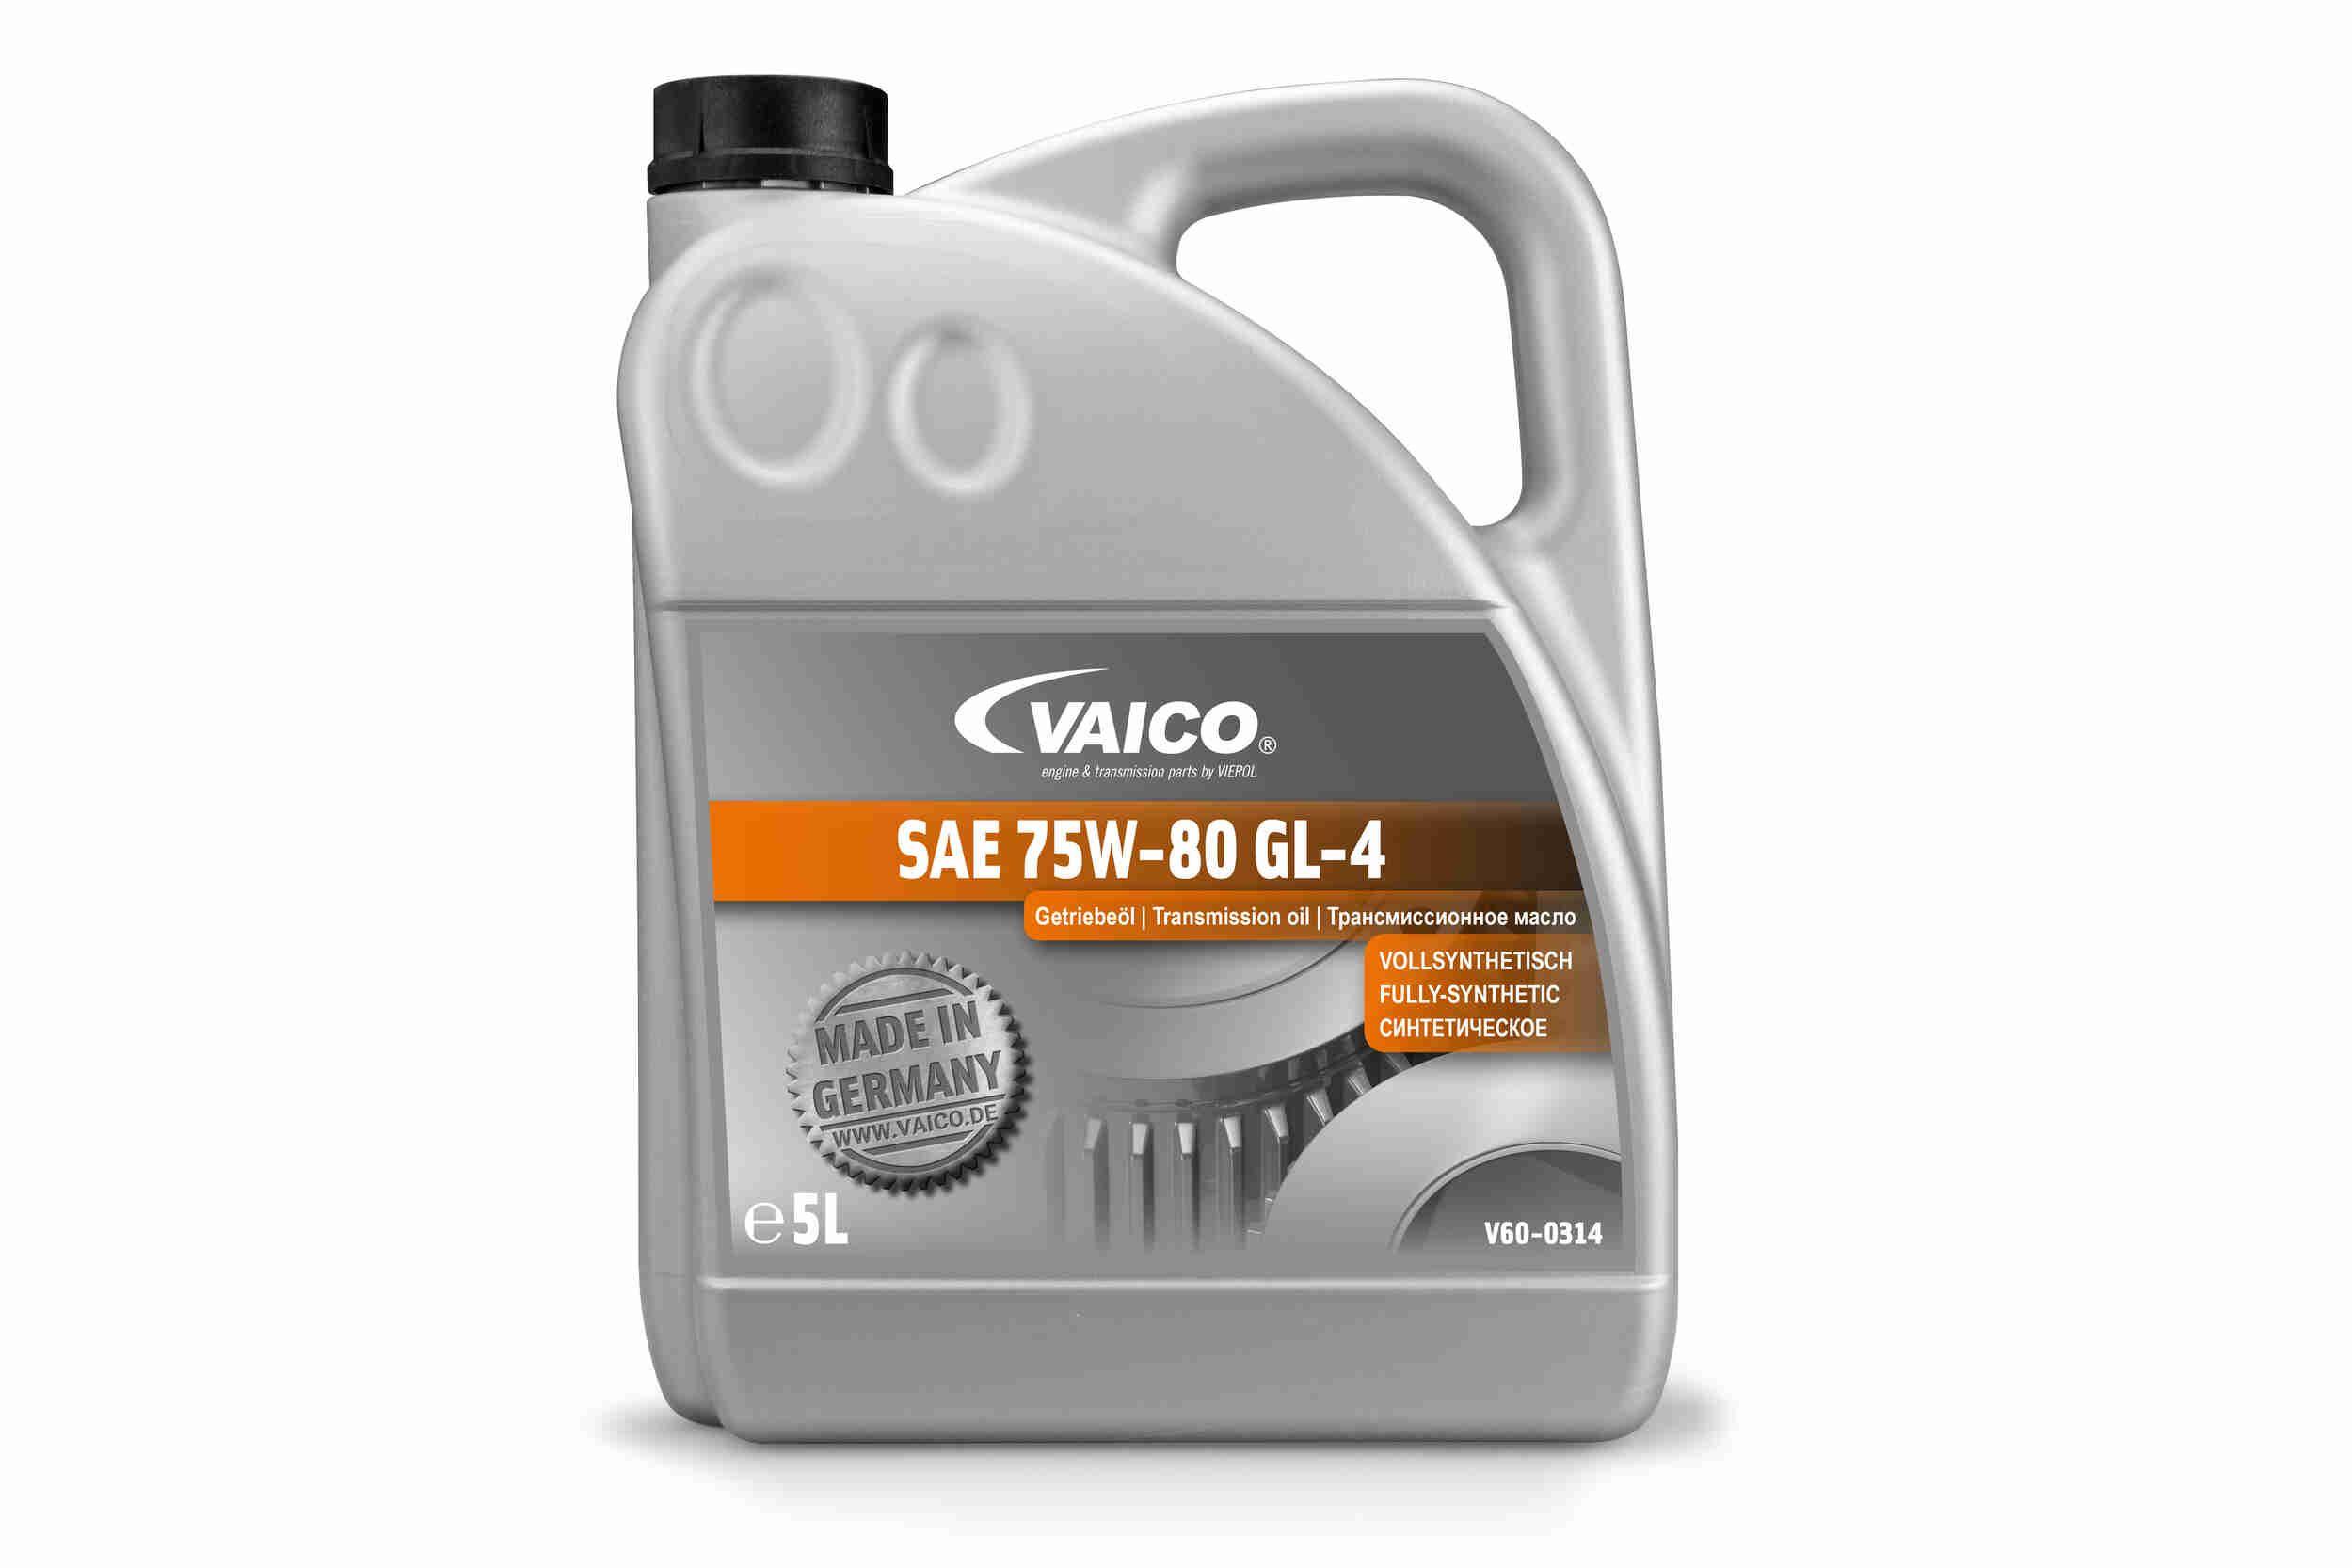 Карданни валове и диференциали V60-0314 с добро VAICO съотношение цена-качество